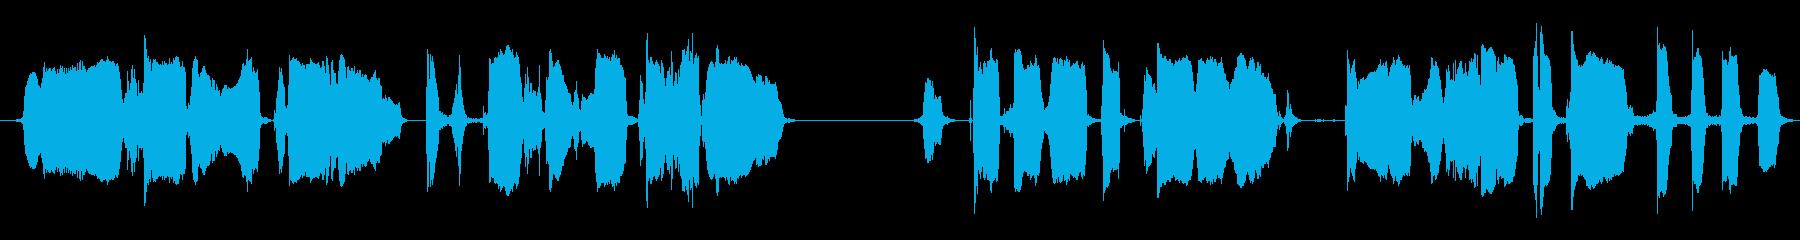 リトルレッドモンスター:メアリーハ...の再生済みの波形